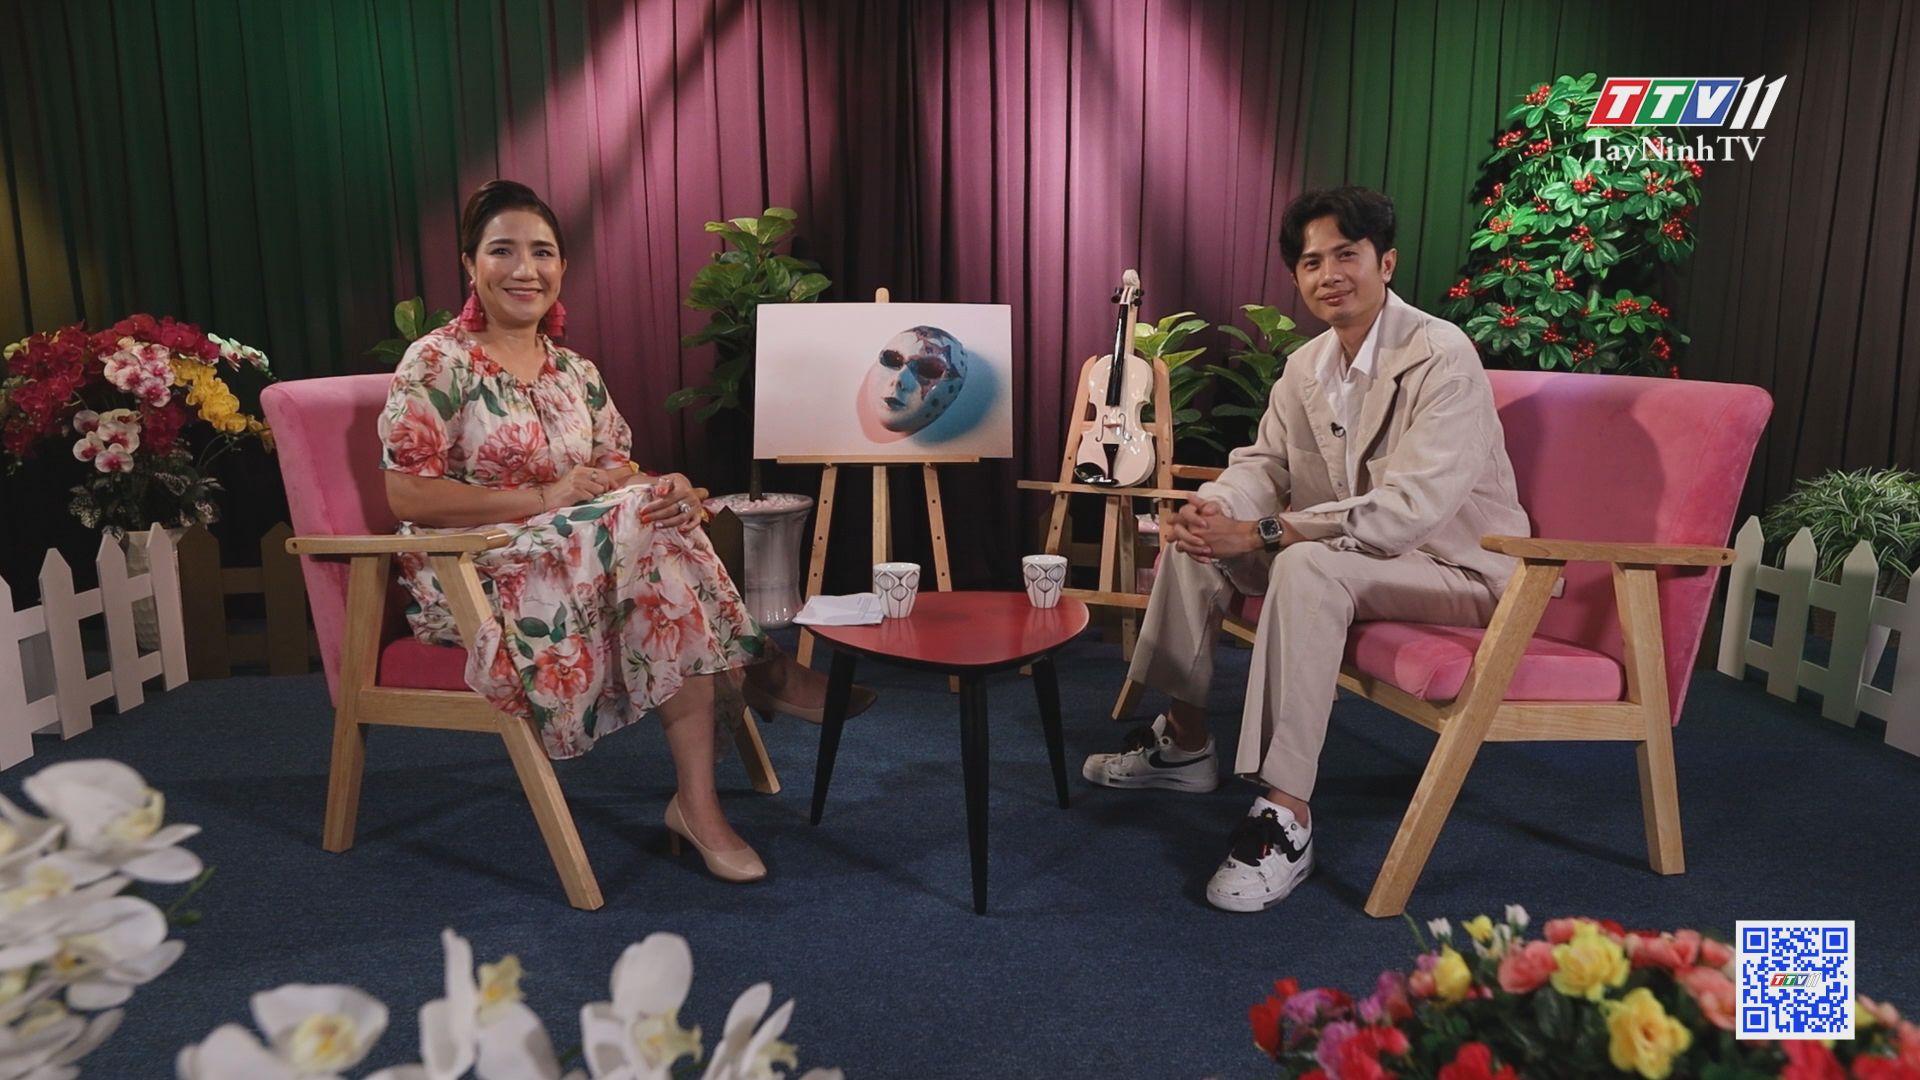 Tập 28 năm 2021_Diễn viên Huỳnh Phương làm phim phải sạch, không cảnh nóng mới tồn tại được | HẠNH PHÚC Ở ĐÂU | TayNinhTV